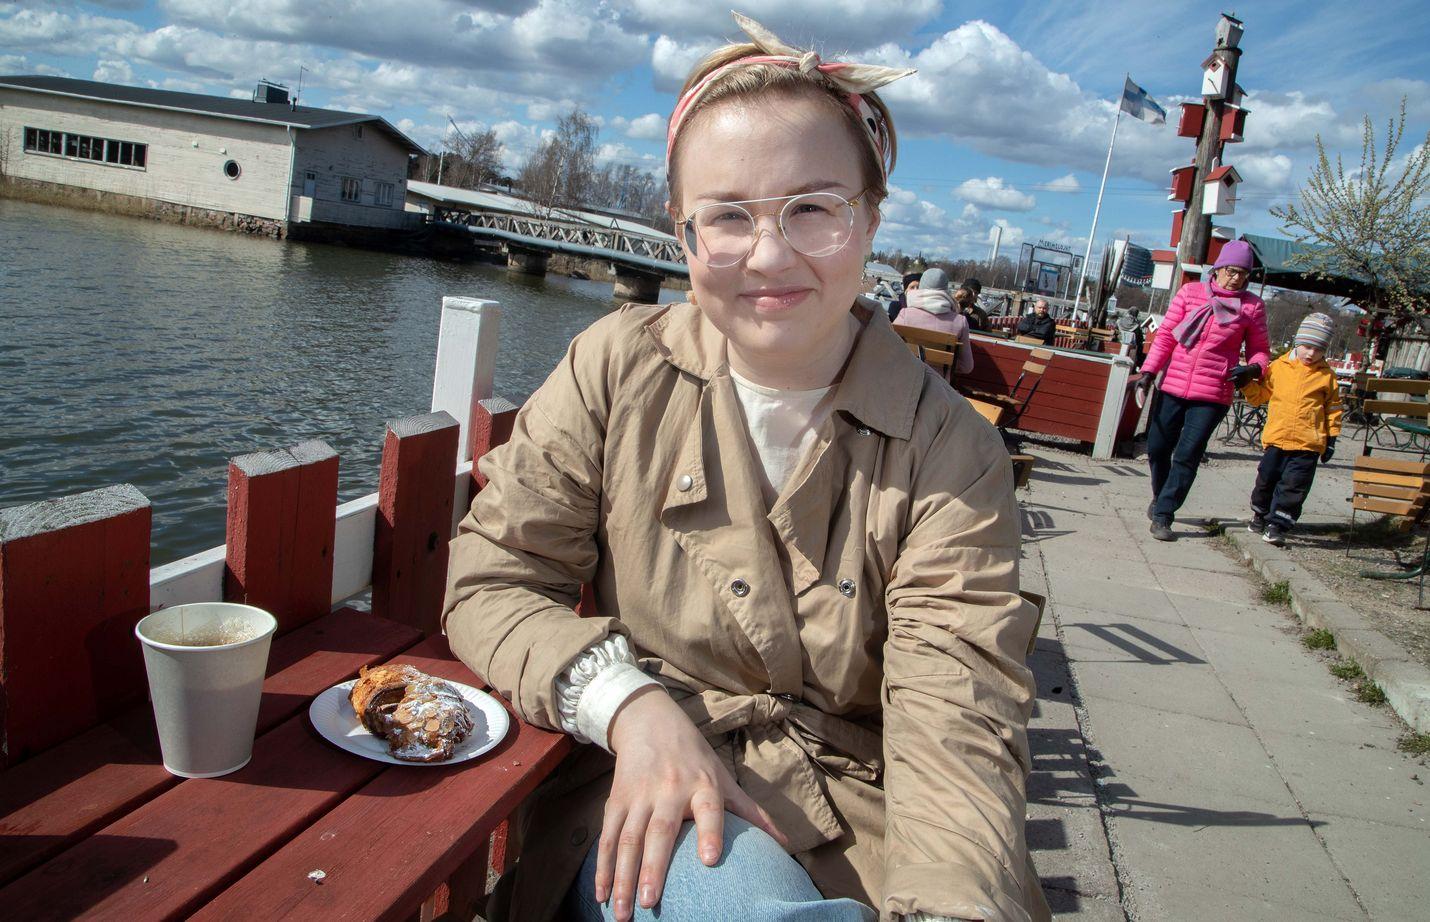 Lääkäri Anni Saukkola suhtautuu joustavasti syömiseen ja liikkuu voimavarojen mukaan. Makeita herkkujakin voi syödä sopivasti vaikka kahvila Regatan terassilla Helsingissä.